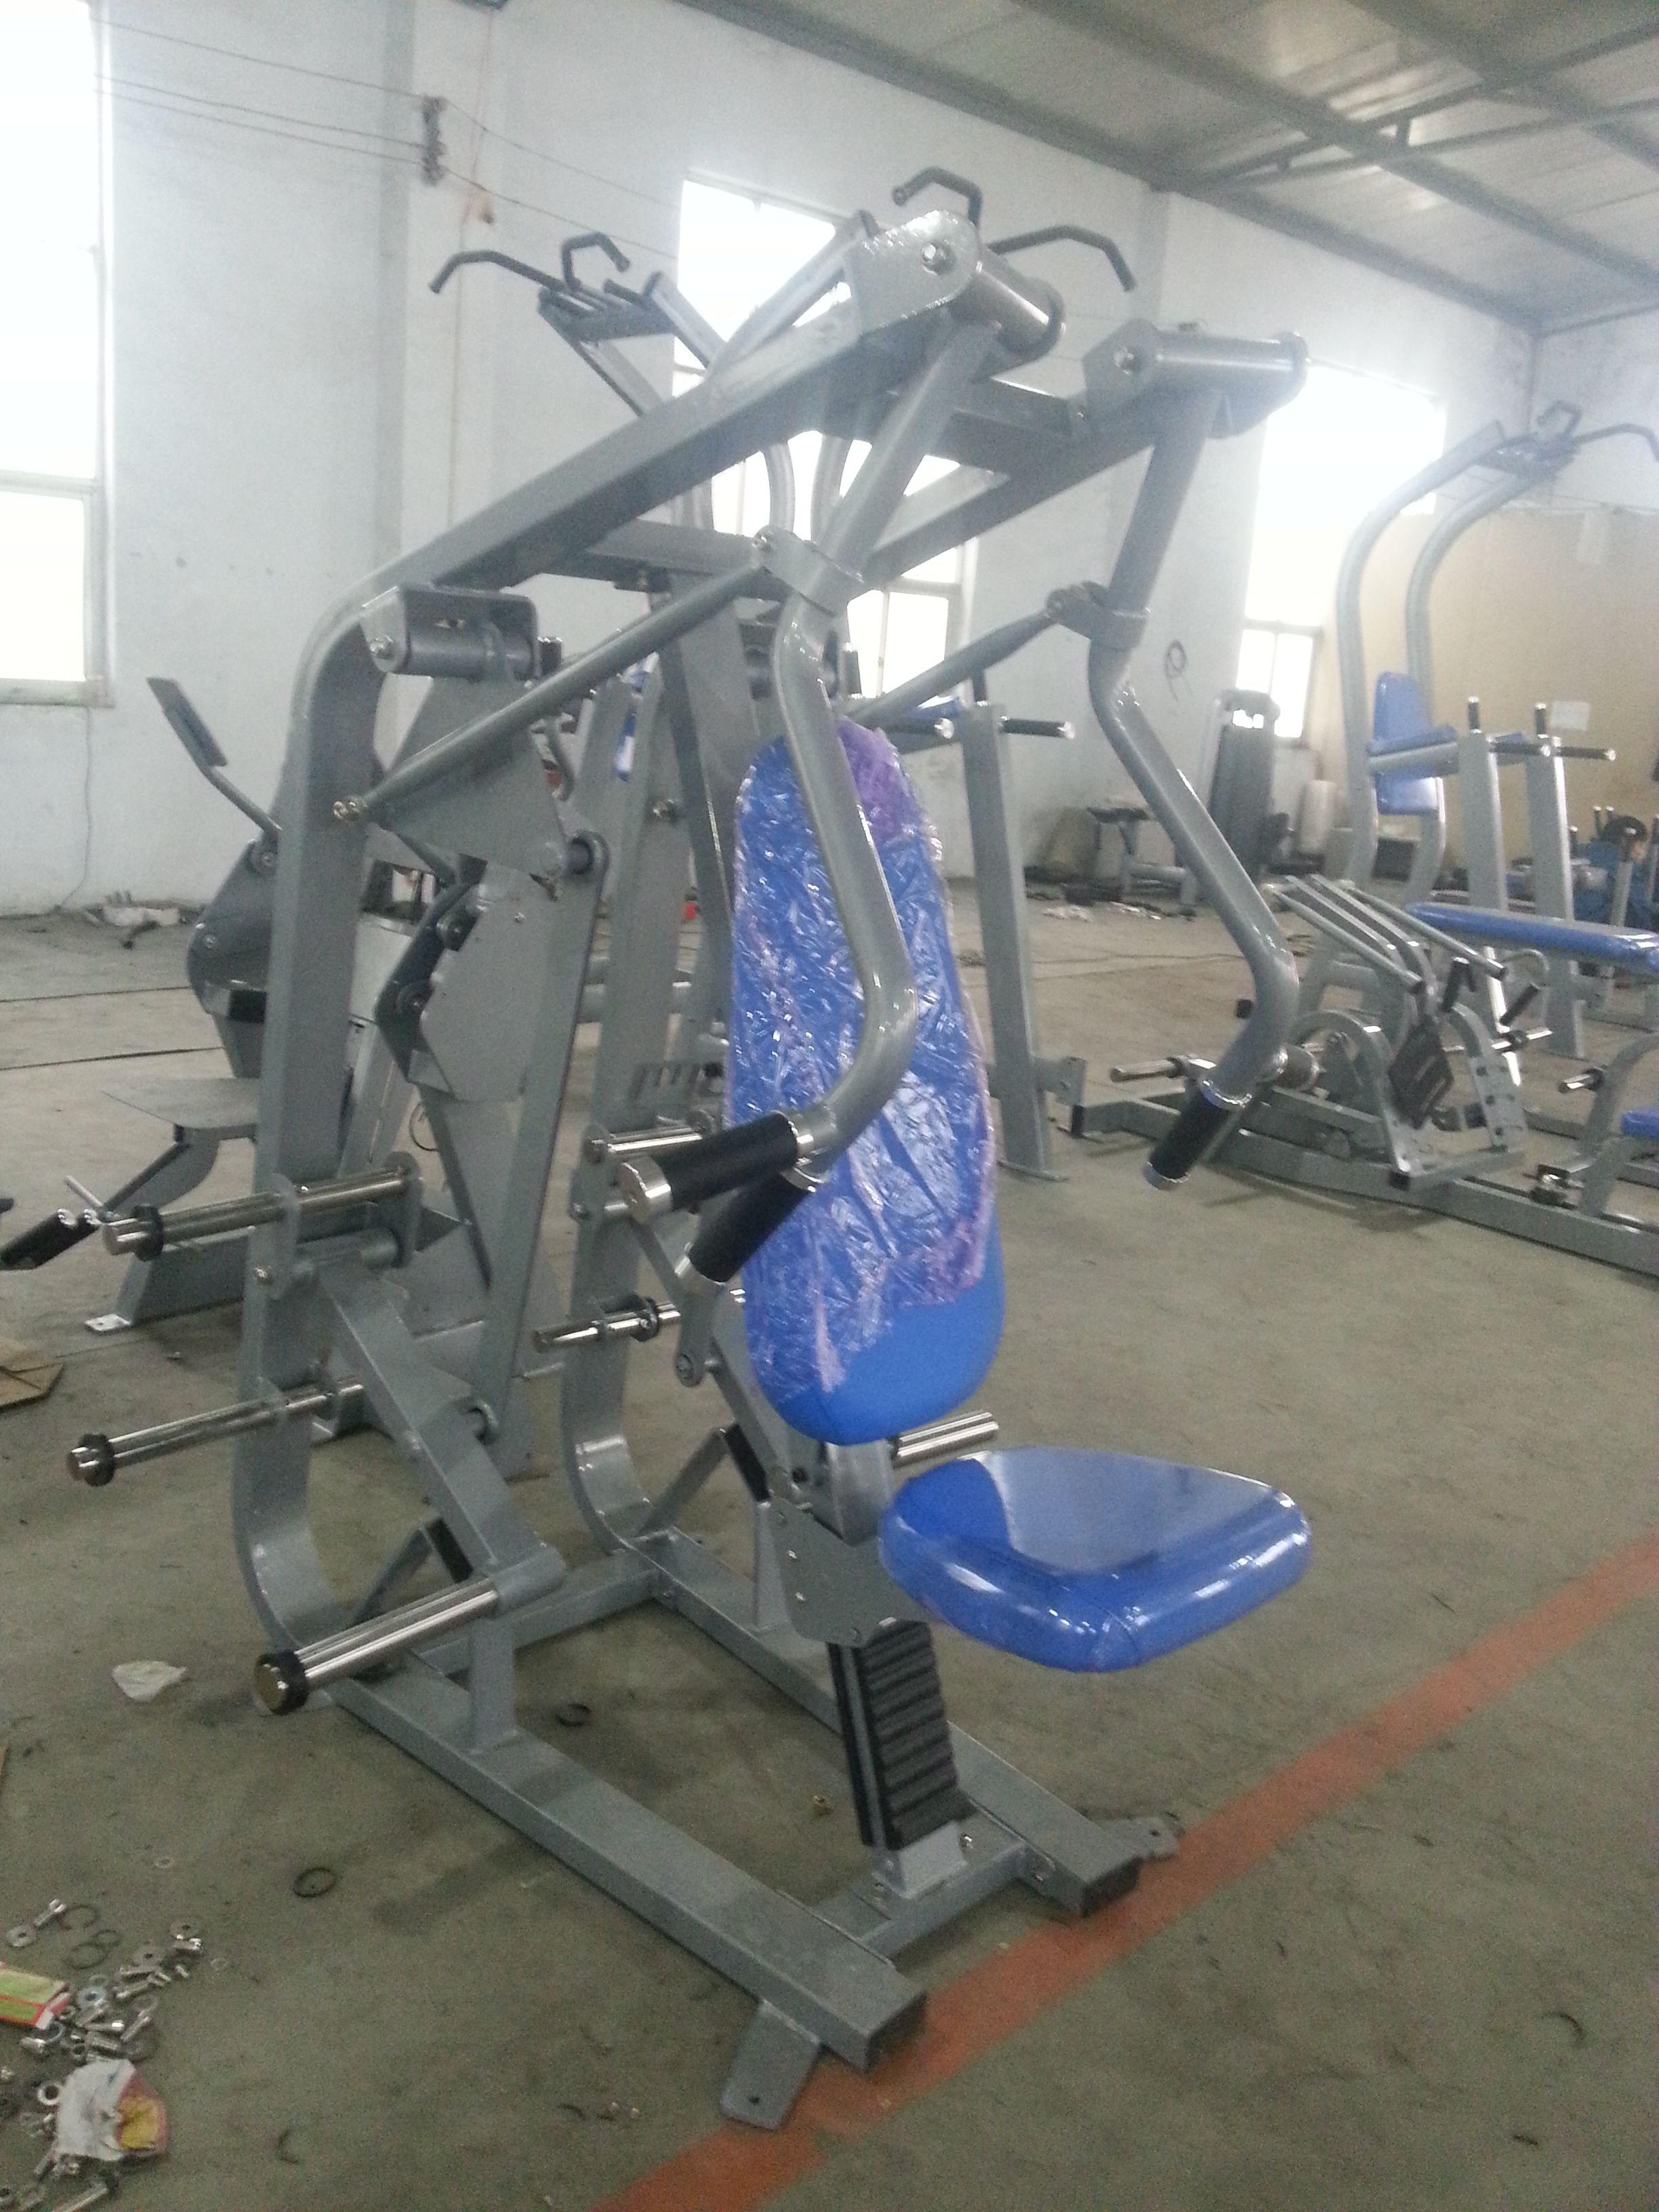 Nautilus Fitness Equipment Xpload Equipment Gym Equipment No Equipment Workout Gym